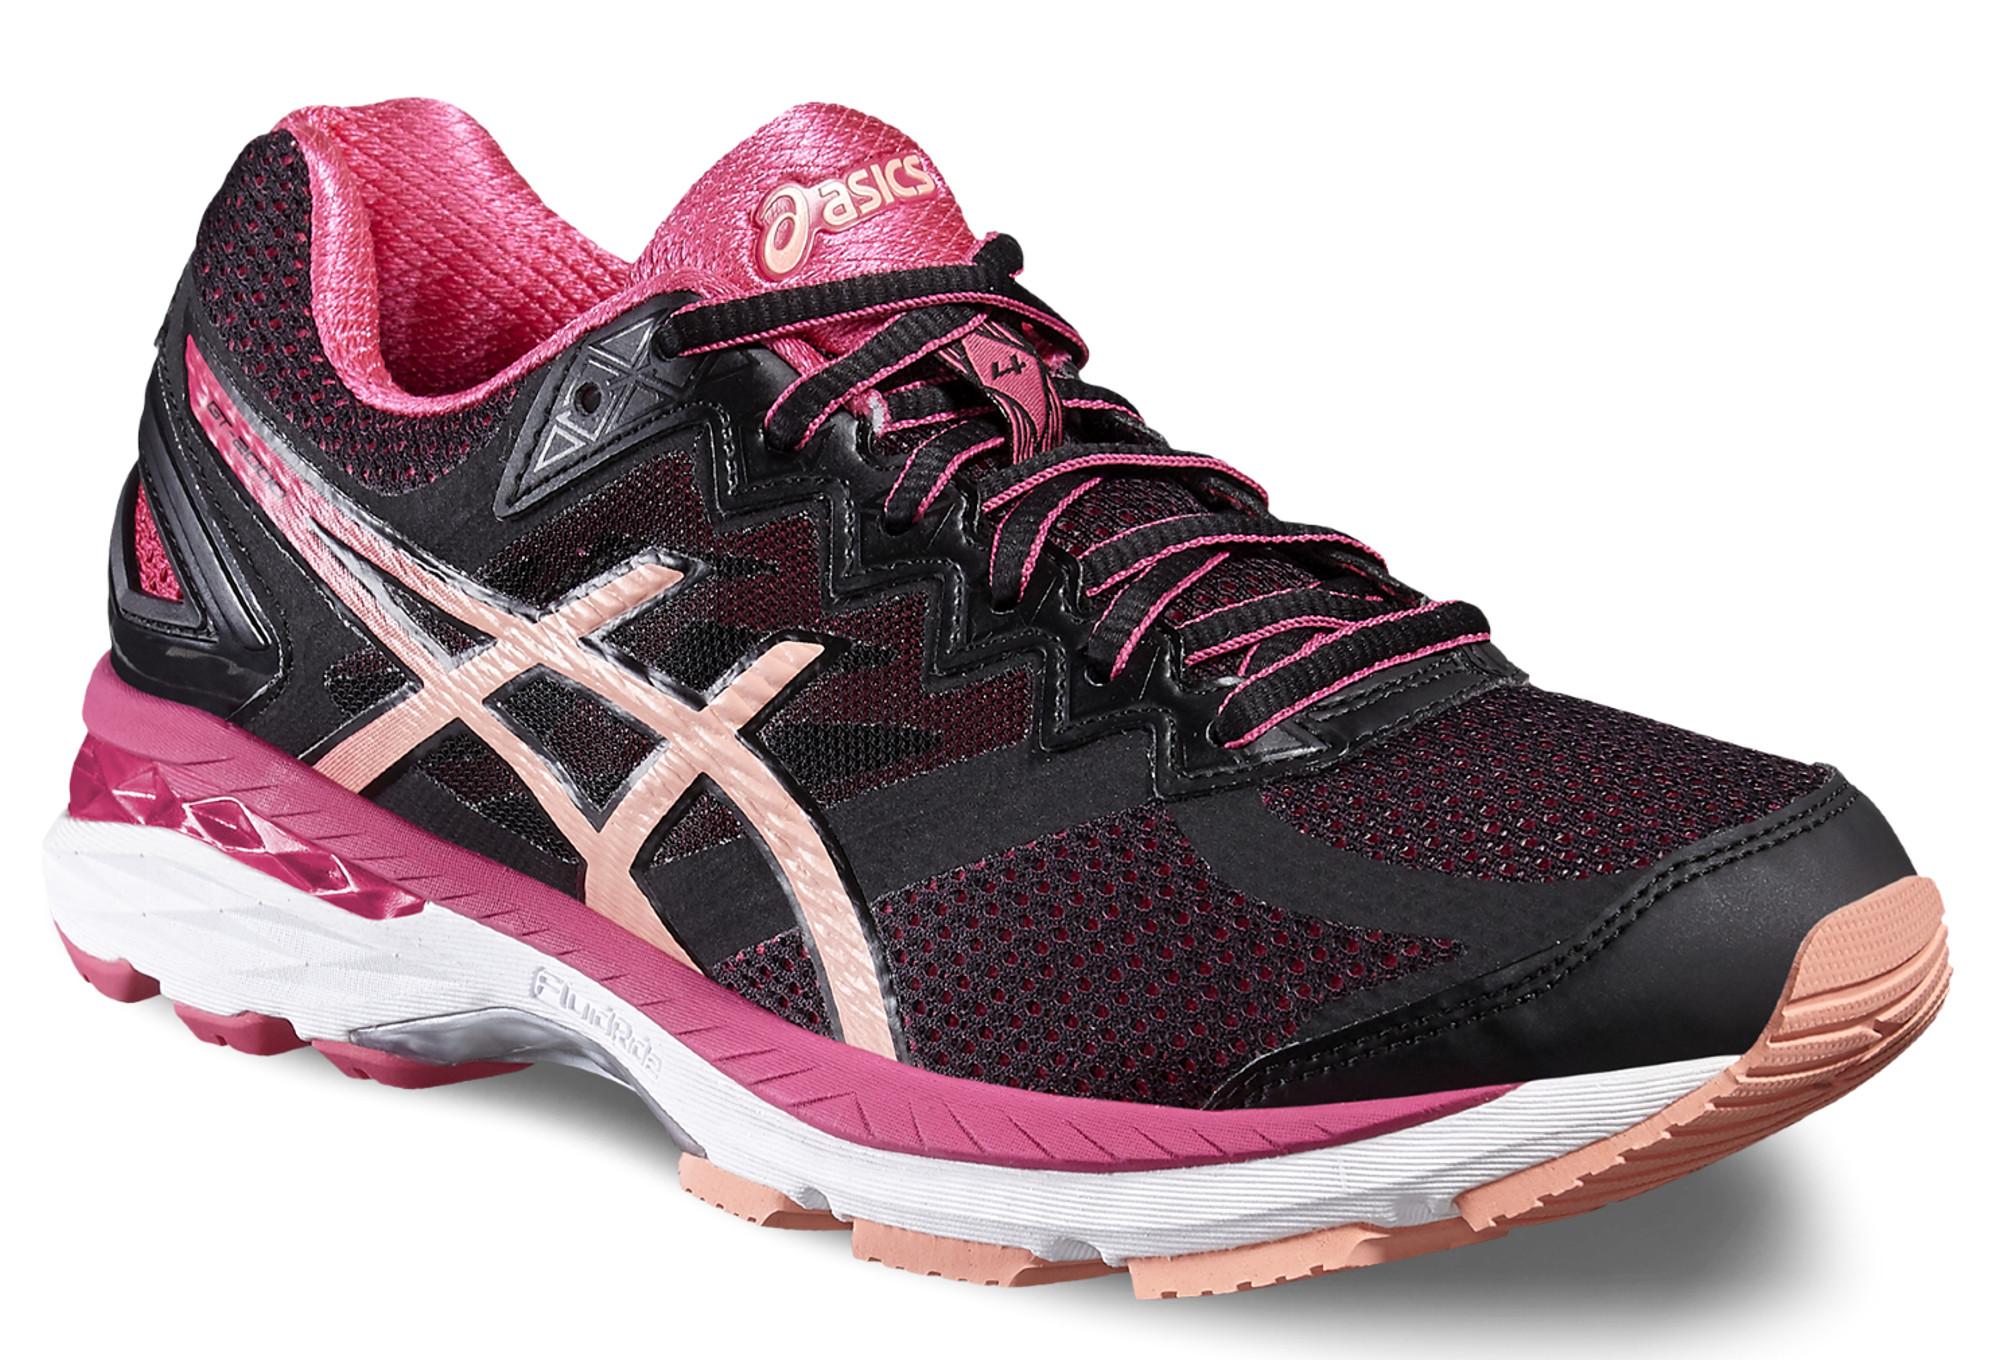 Gt 2000 4 Chaussures de running rose